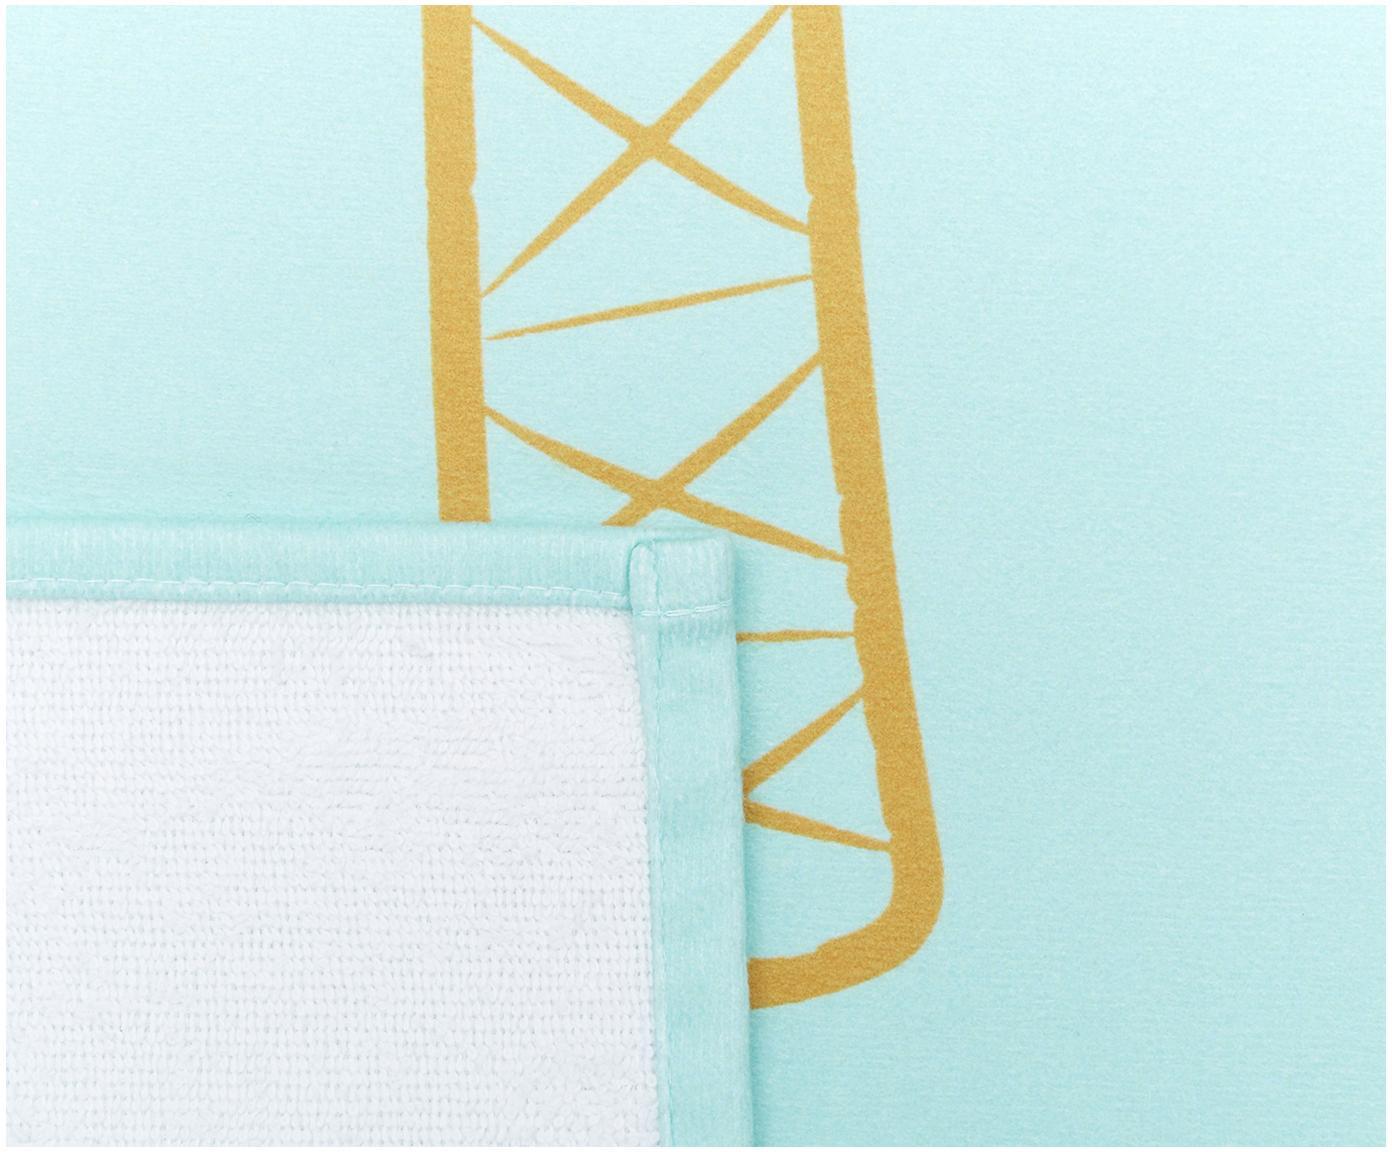 Ręcznik plażowy Palmtree, 55% poliester, 45% bawełna Bardzo niska gramatura, 340 g/m², Turkusowy, żółty, S 70 x D 150 cm